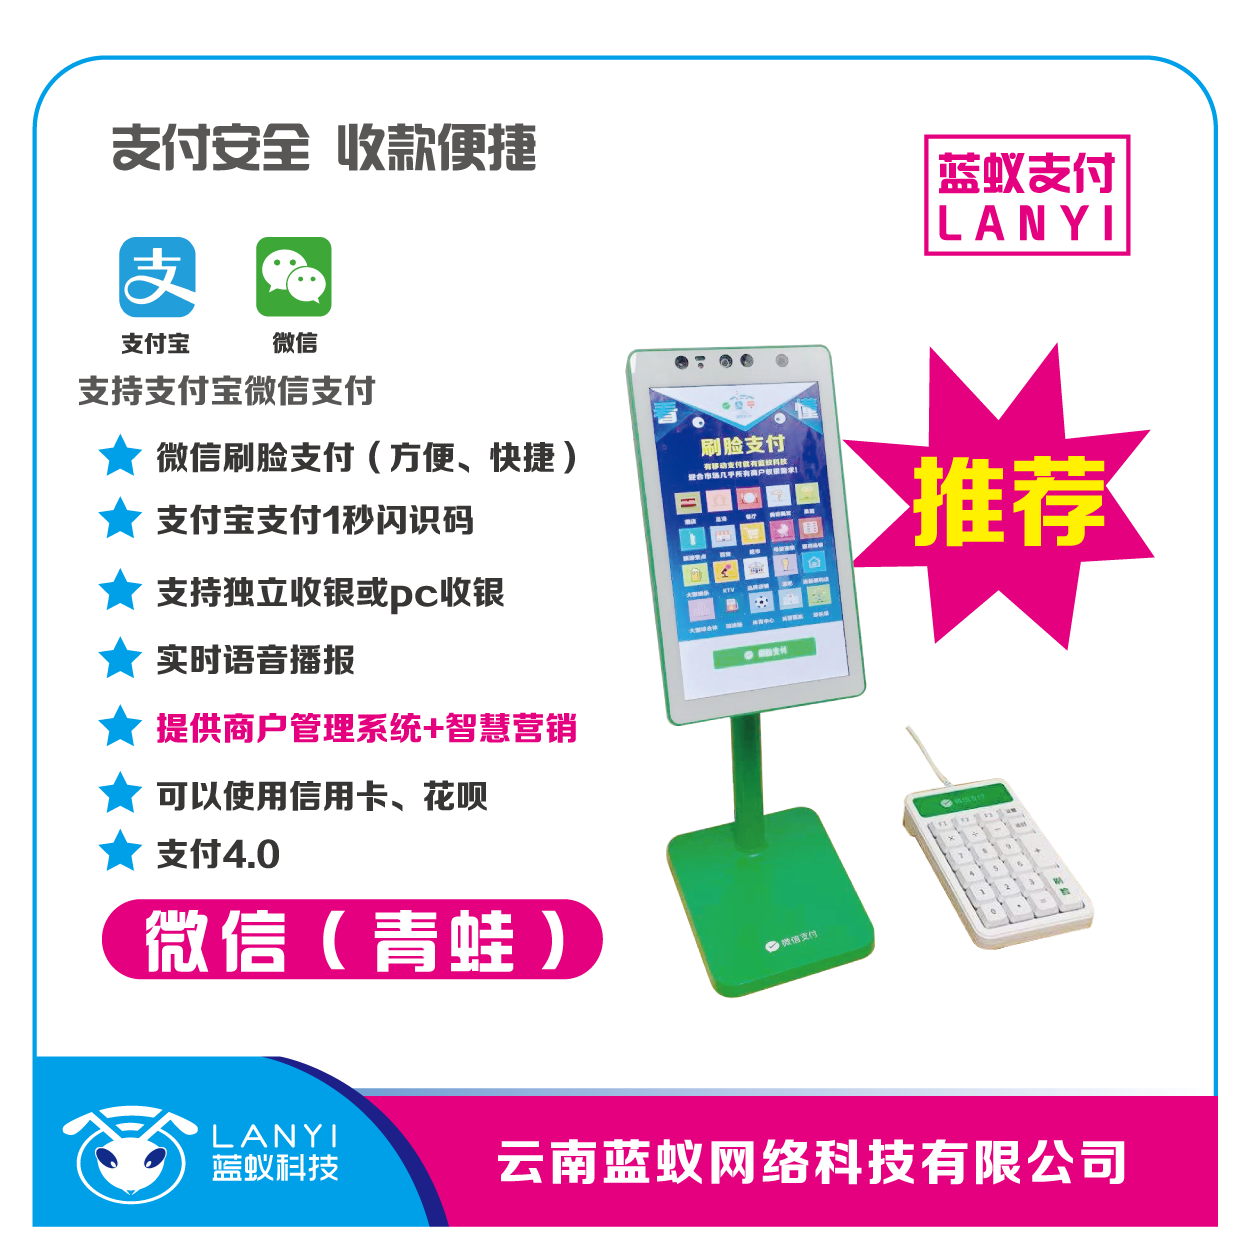 曲靖微信小程序掃碼平臺 貼心服務「云南藍蟻網絡科技供應」